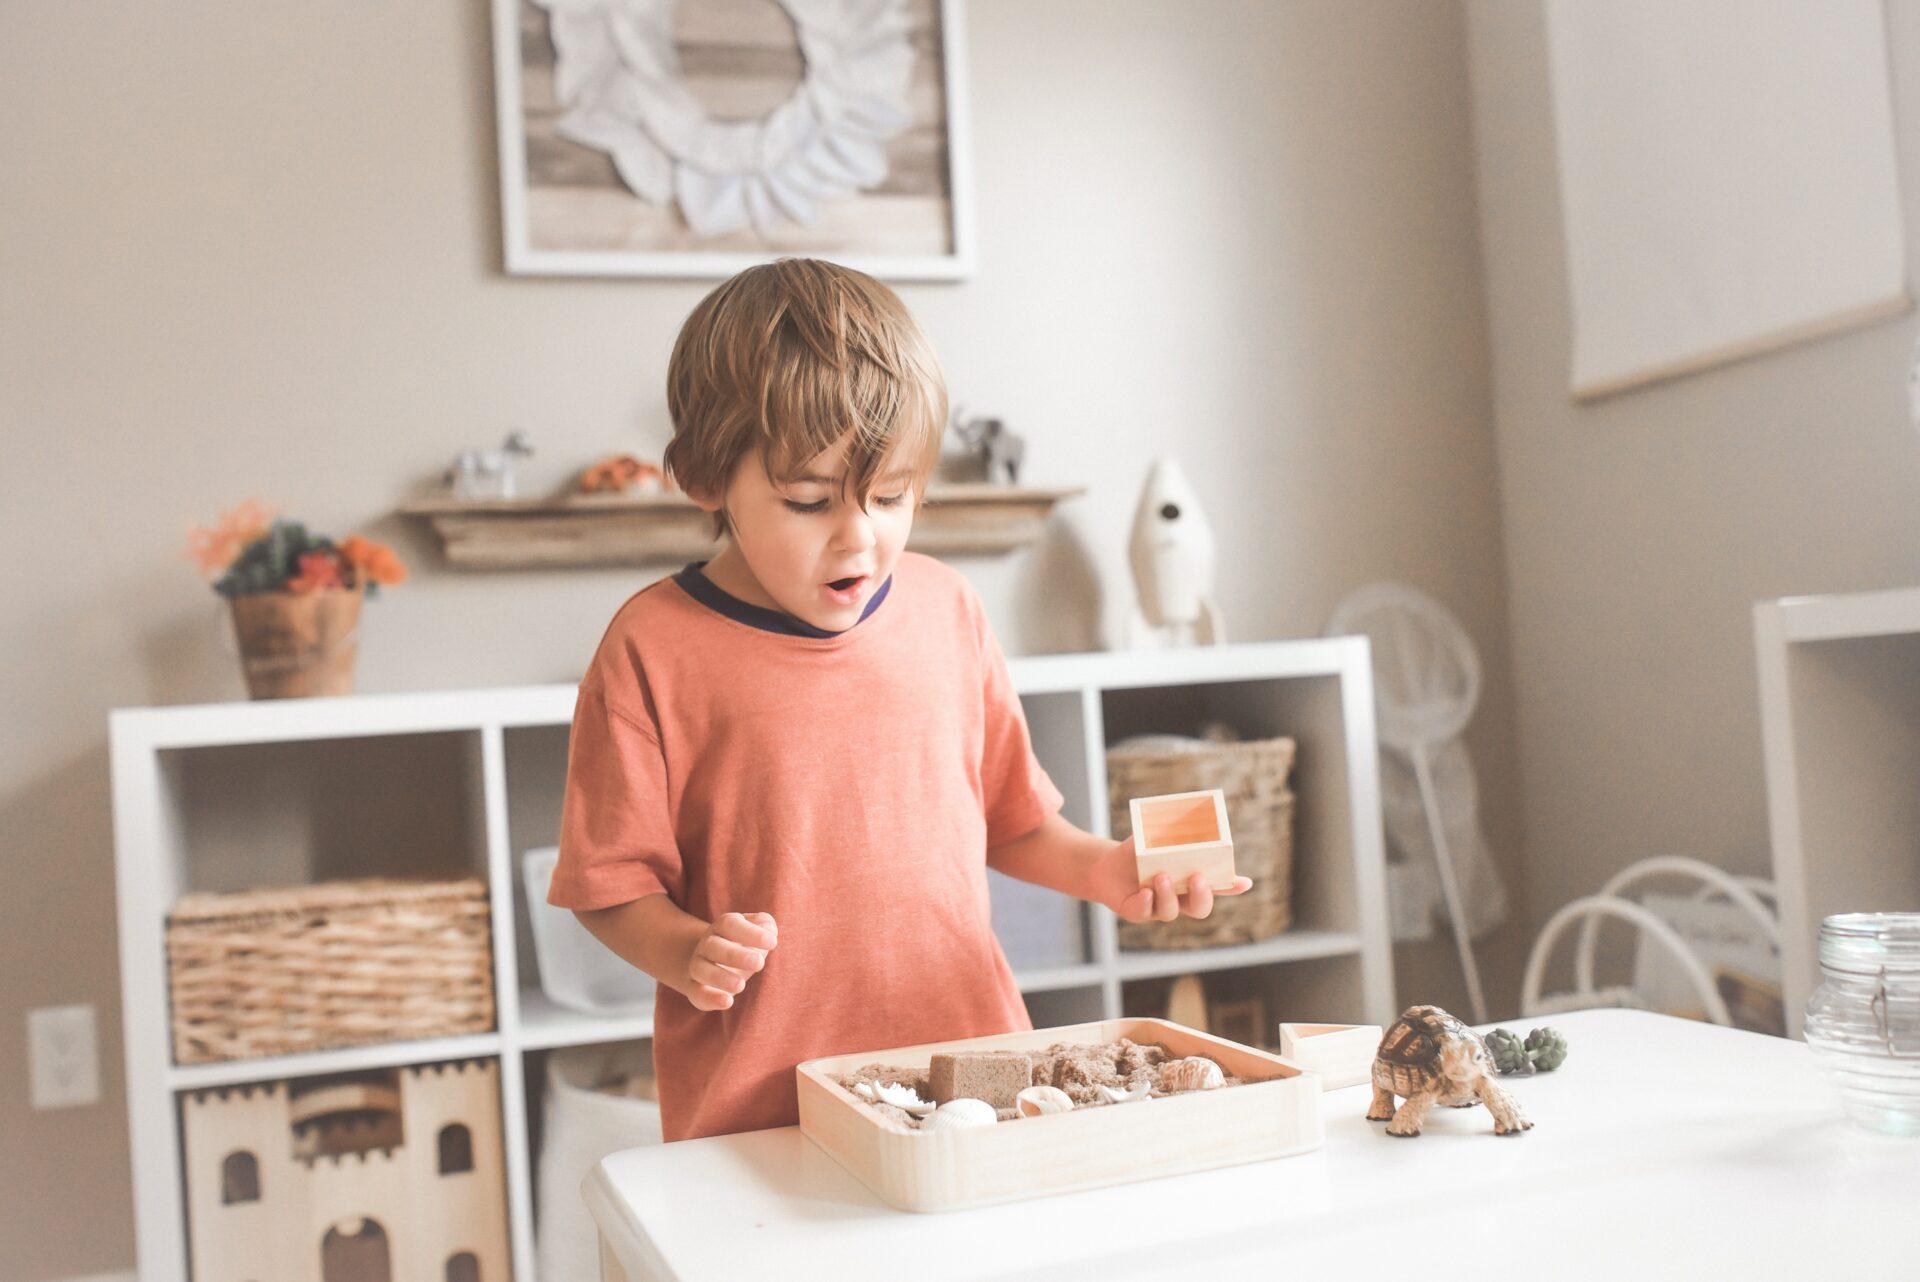 Jongetje kijkt heel blij naar een doos met blokken terwijl hij alleen aan het spelen is